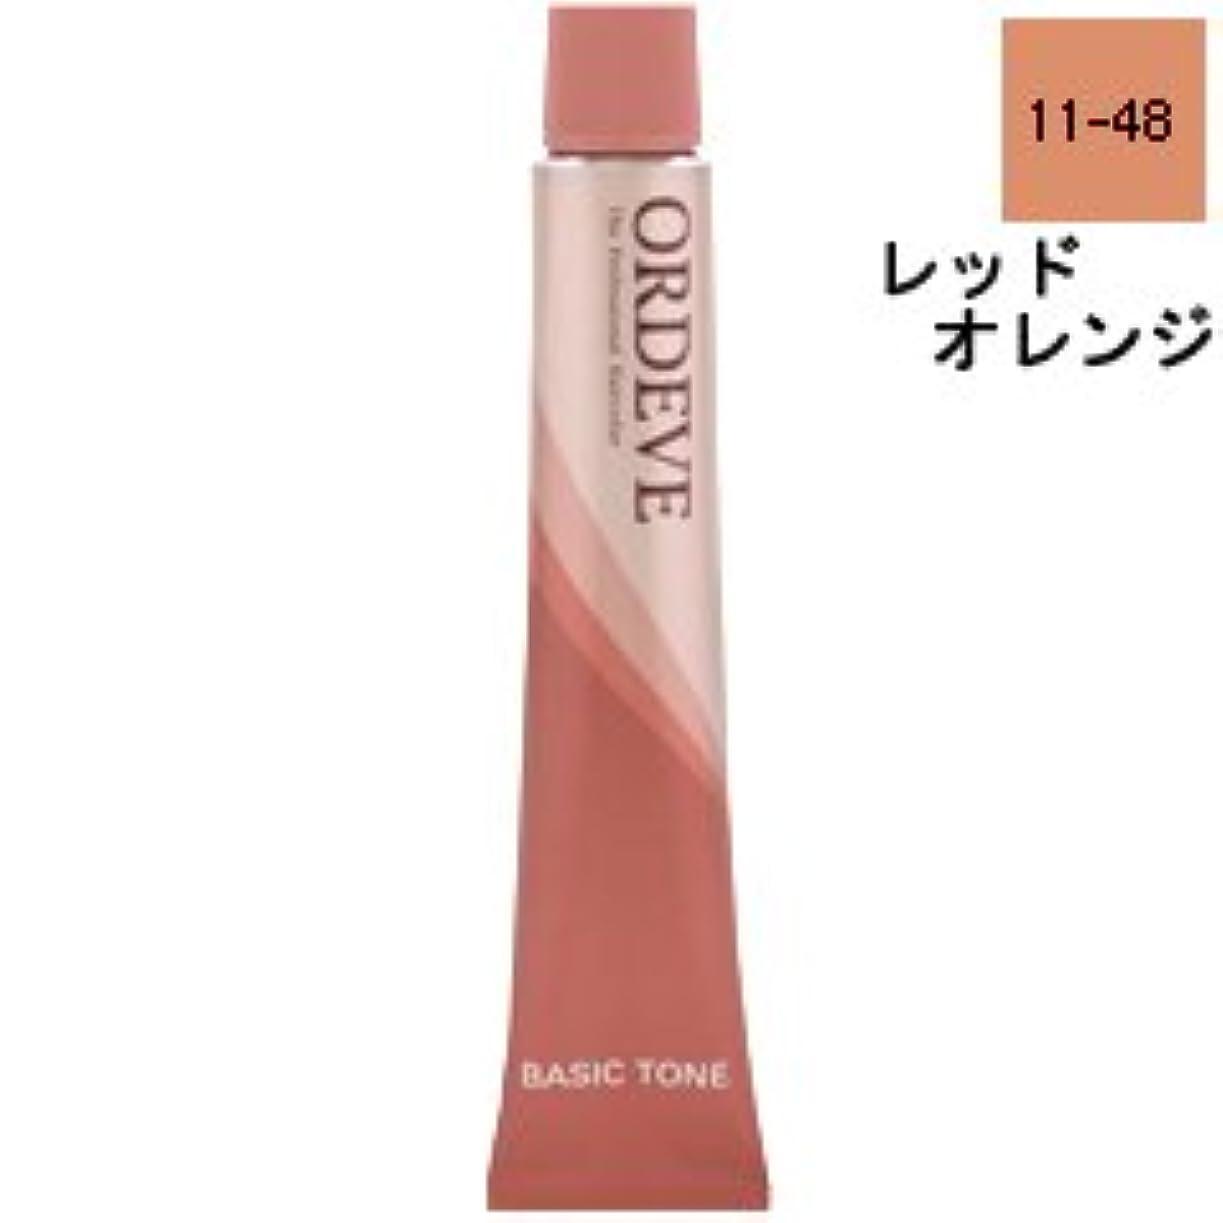 歯植物学者アルファベット順オルディーブ ベーシックトーン #11-48 レッドオレンジ 80g 【ミルボン】